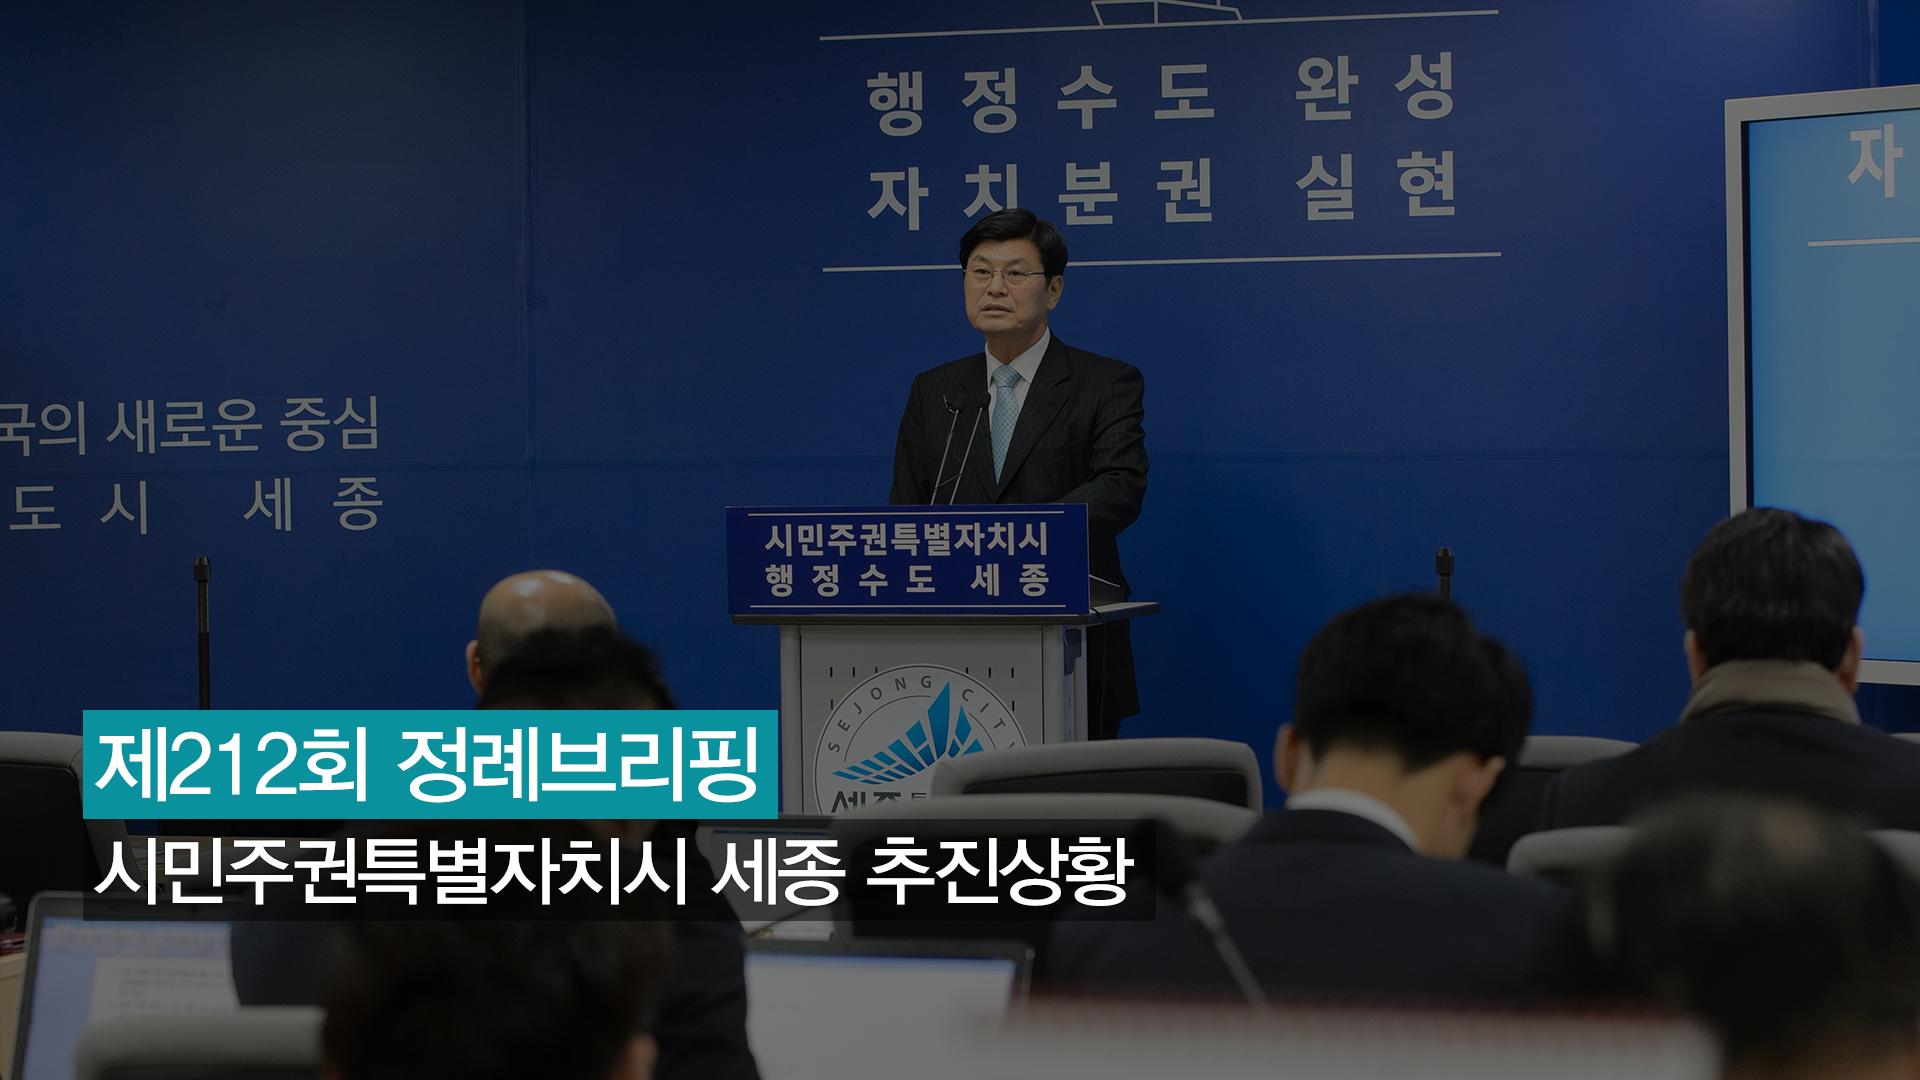 <212번째 정례브리핑> 시민주권특별자치시 세종 추진상황